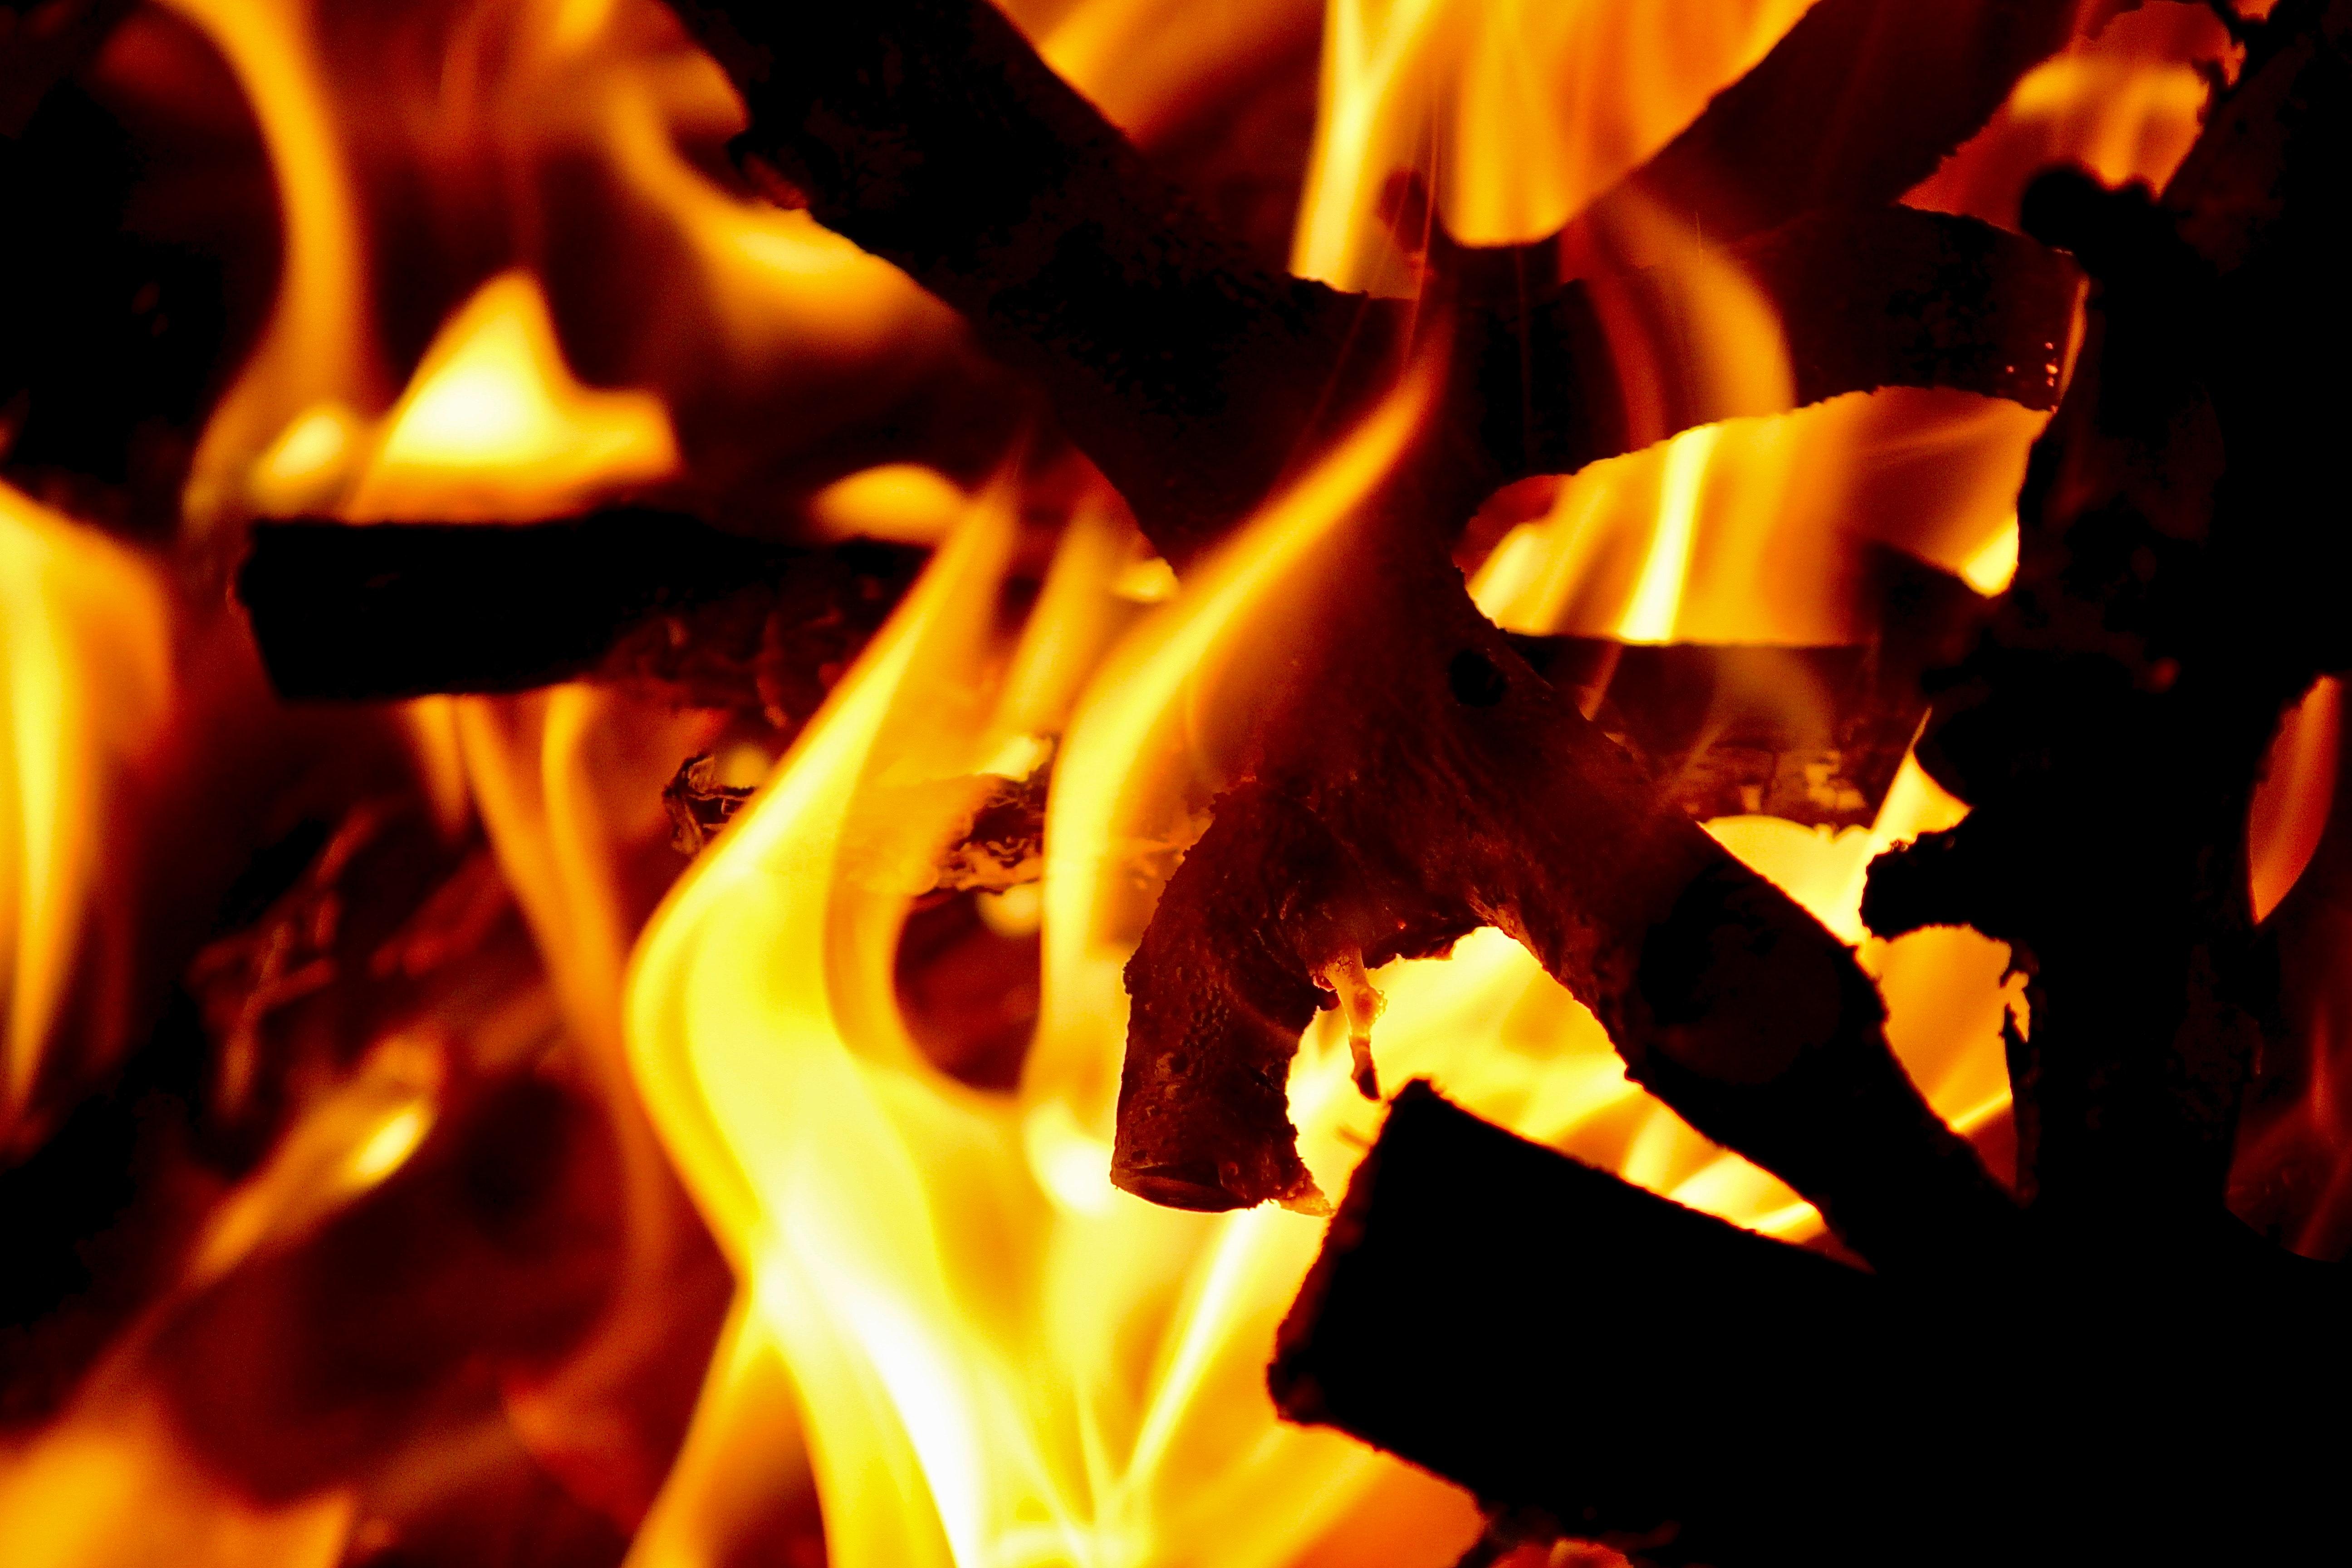 115134 免費下載壁紙 黑暗的, 黑暗, 火, 火焰, 篝火, 日志, 原木 屏保和圖片